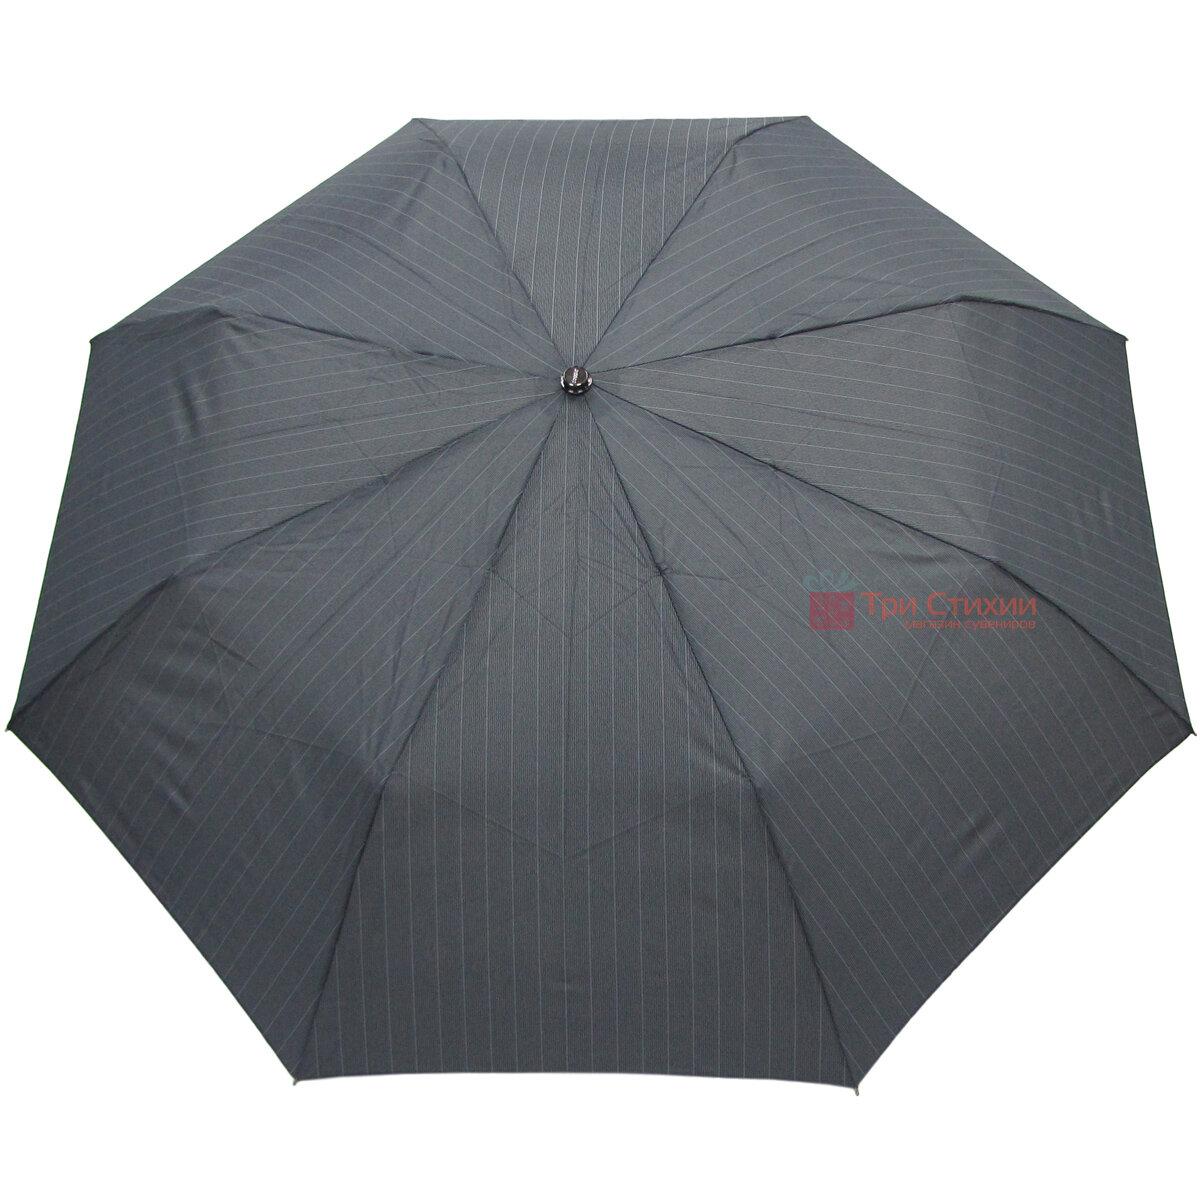 Зонт складной Doppler 74667G-2 полный автомат Широкая полоска, фото